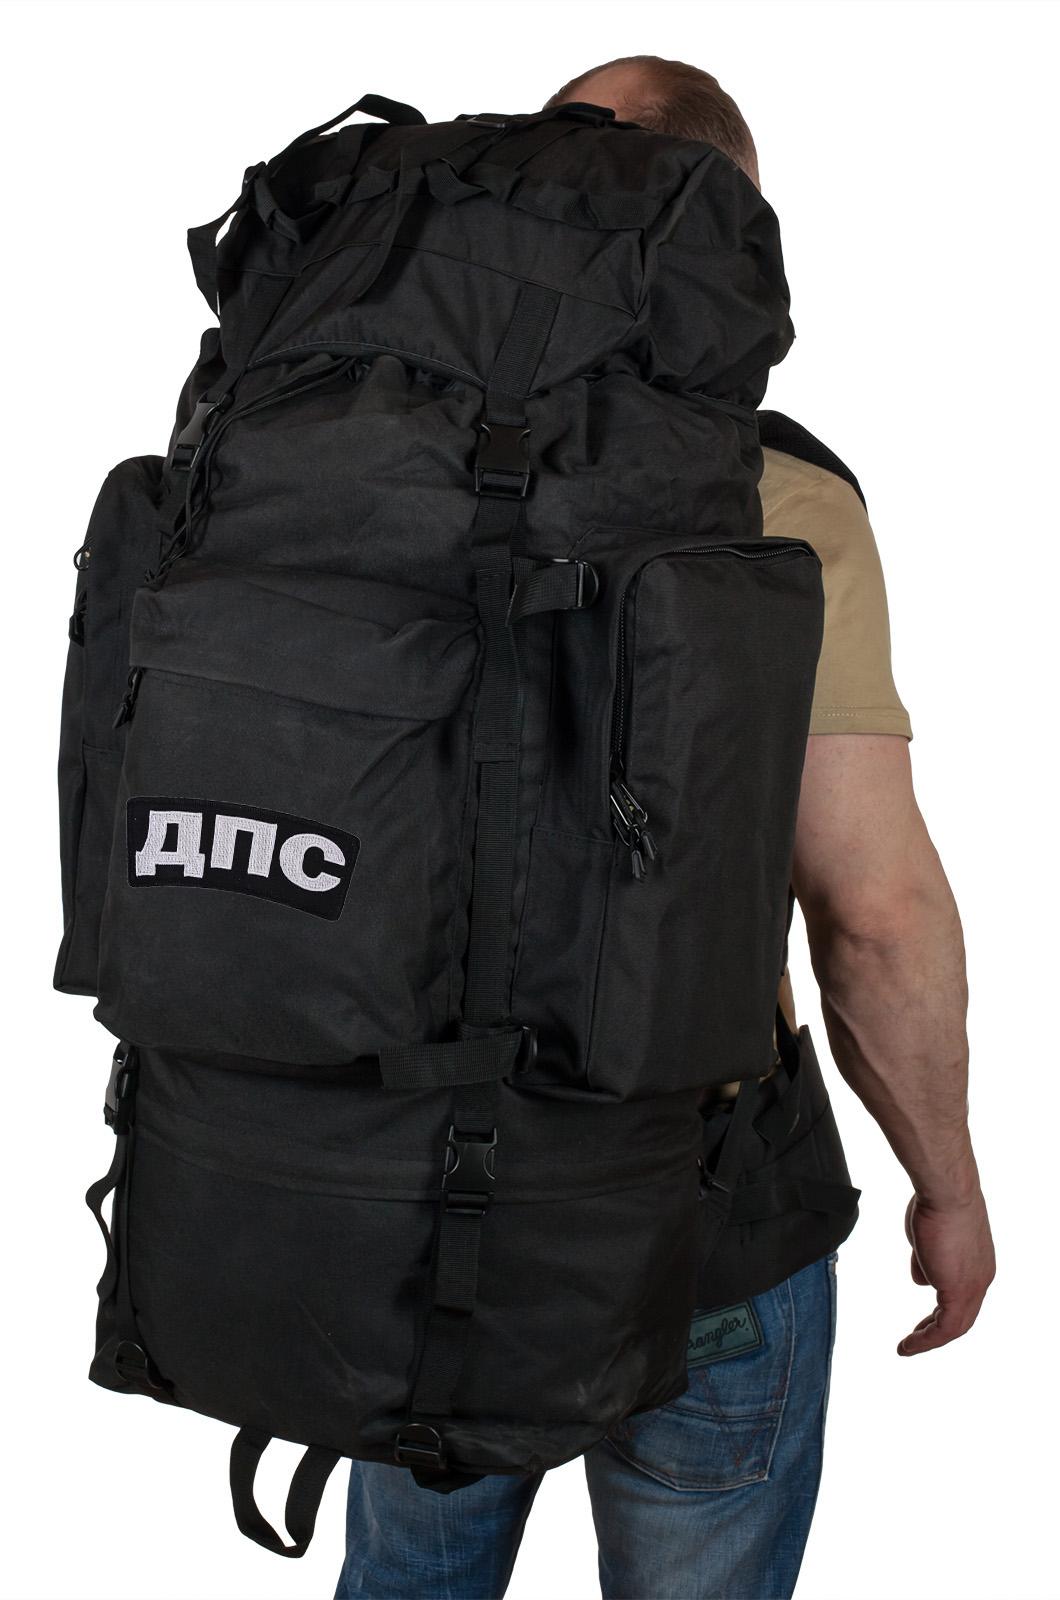 Многодневный тактический рюкзак ДПС ГИГАНТ Max Fuchs - купить выгодно